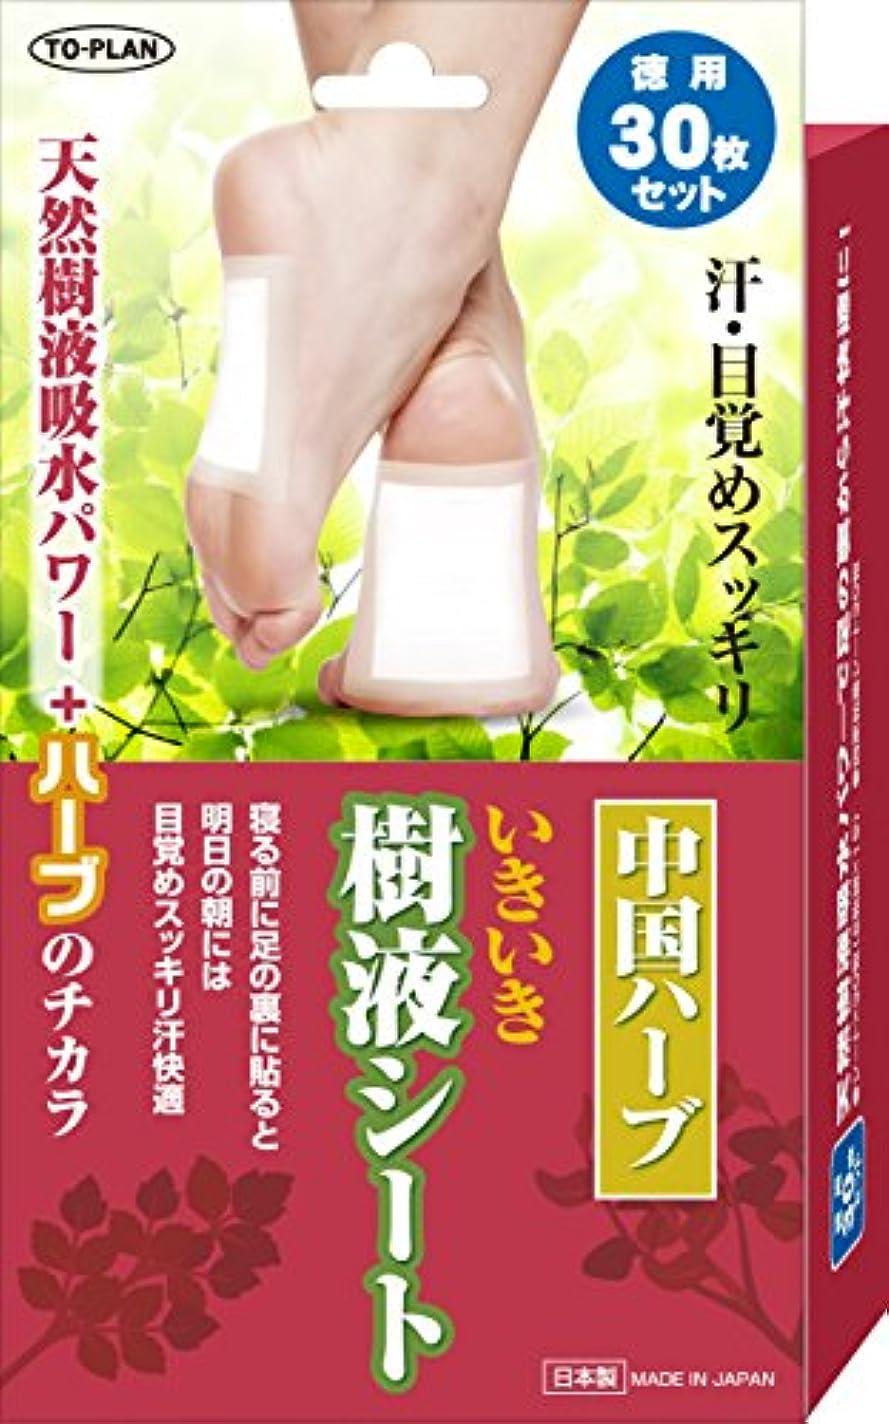 カレンダー魔女退院TO-PLAN(トプラン) 中国ハーブいきいき樹液シート30枚入